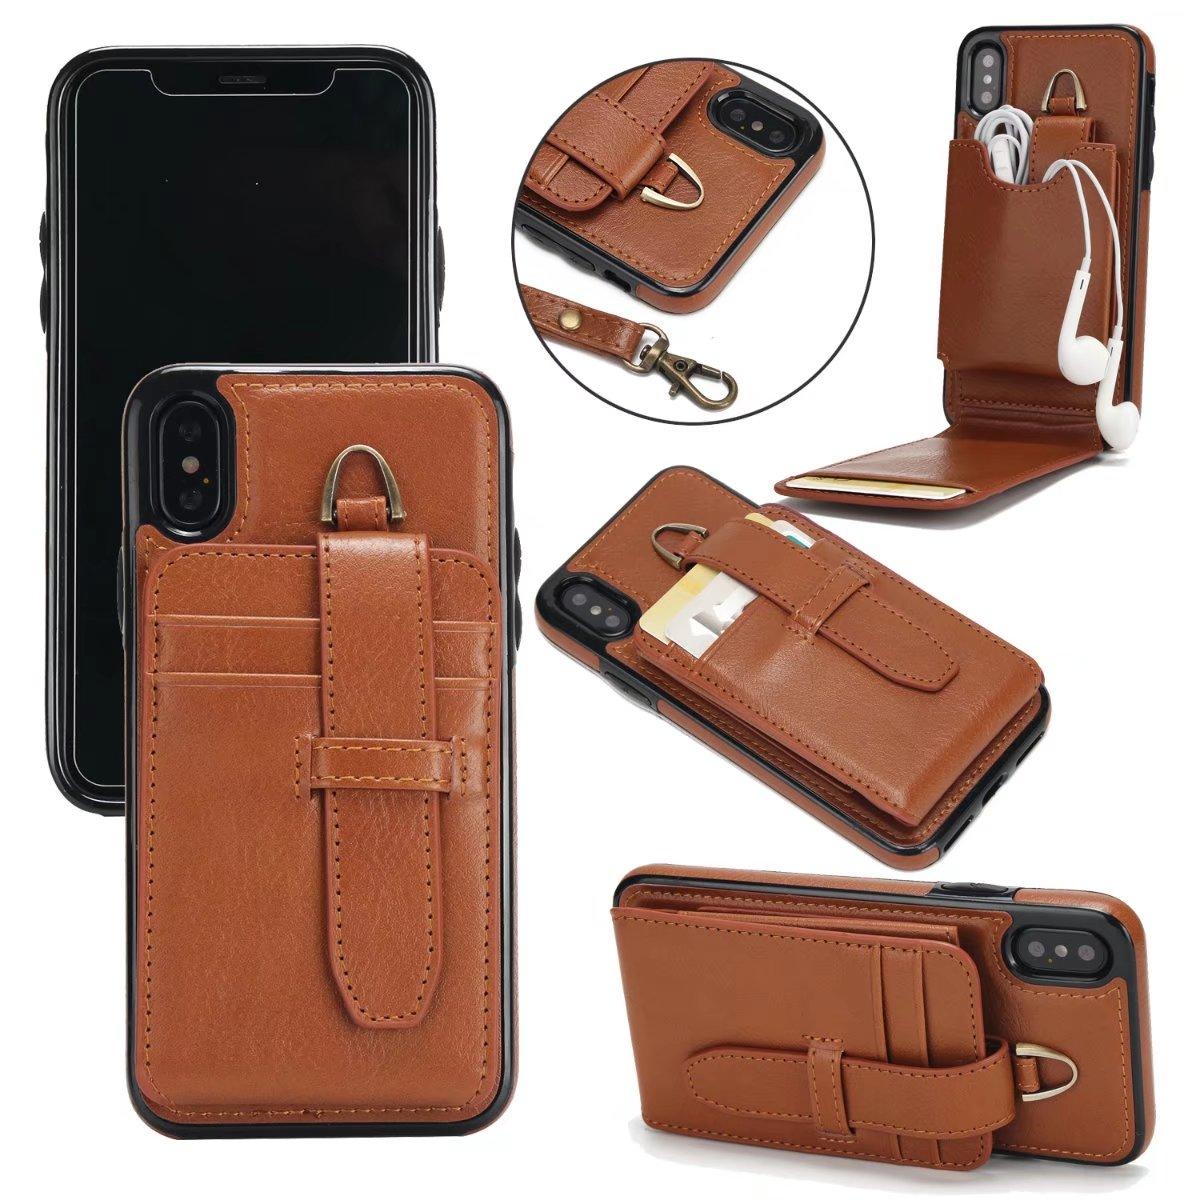 Luxury Iphone S Case Uk